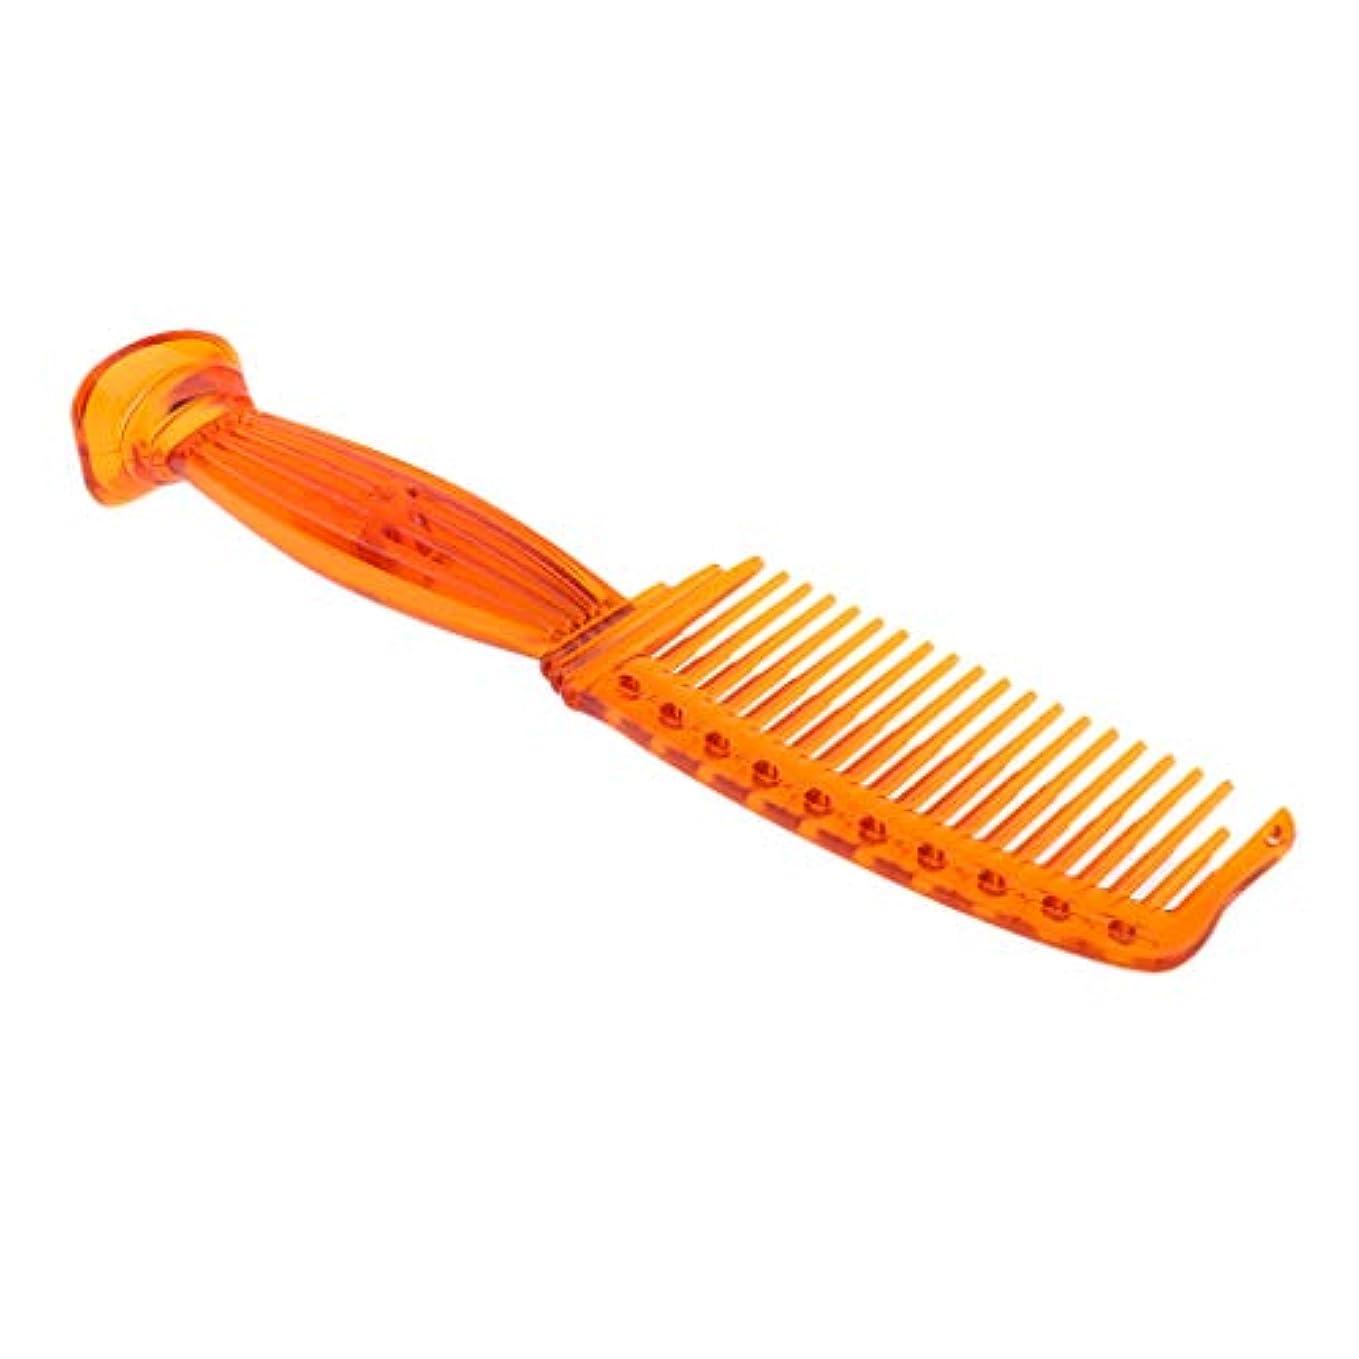 攻撃的小康ラジエーターSM SunniMix ヘアコーム ヘアブラシ ワイド歯 プラスチック プロ ヘアサロン 理髪師 全5色選べ - オレンジ